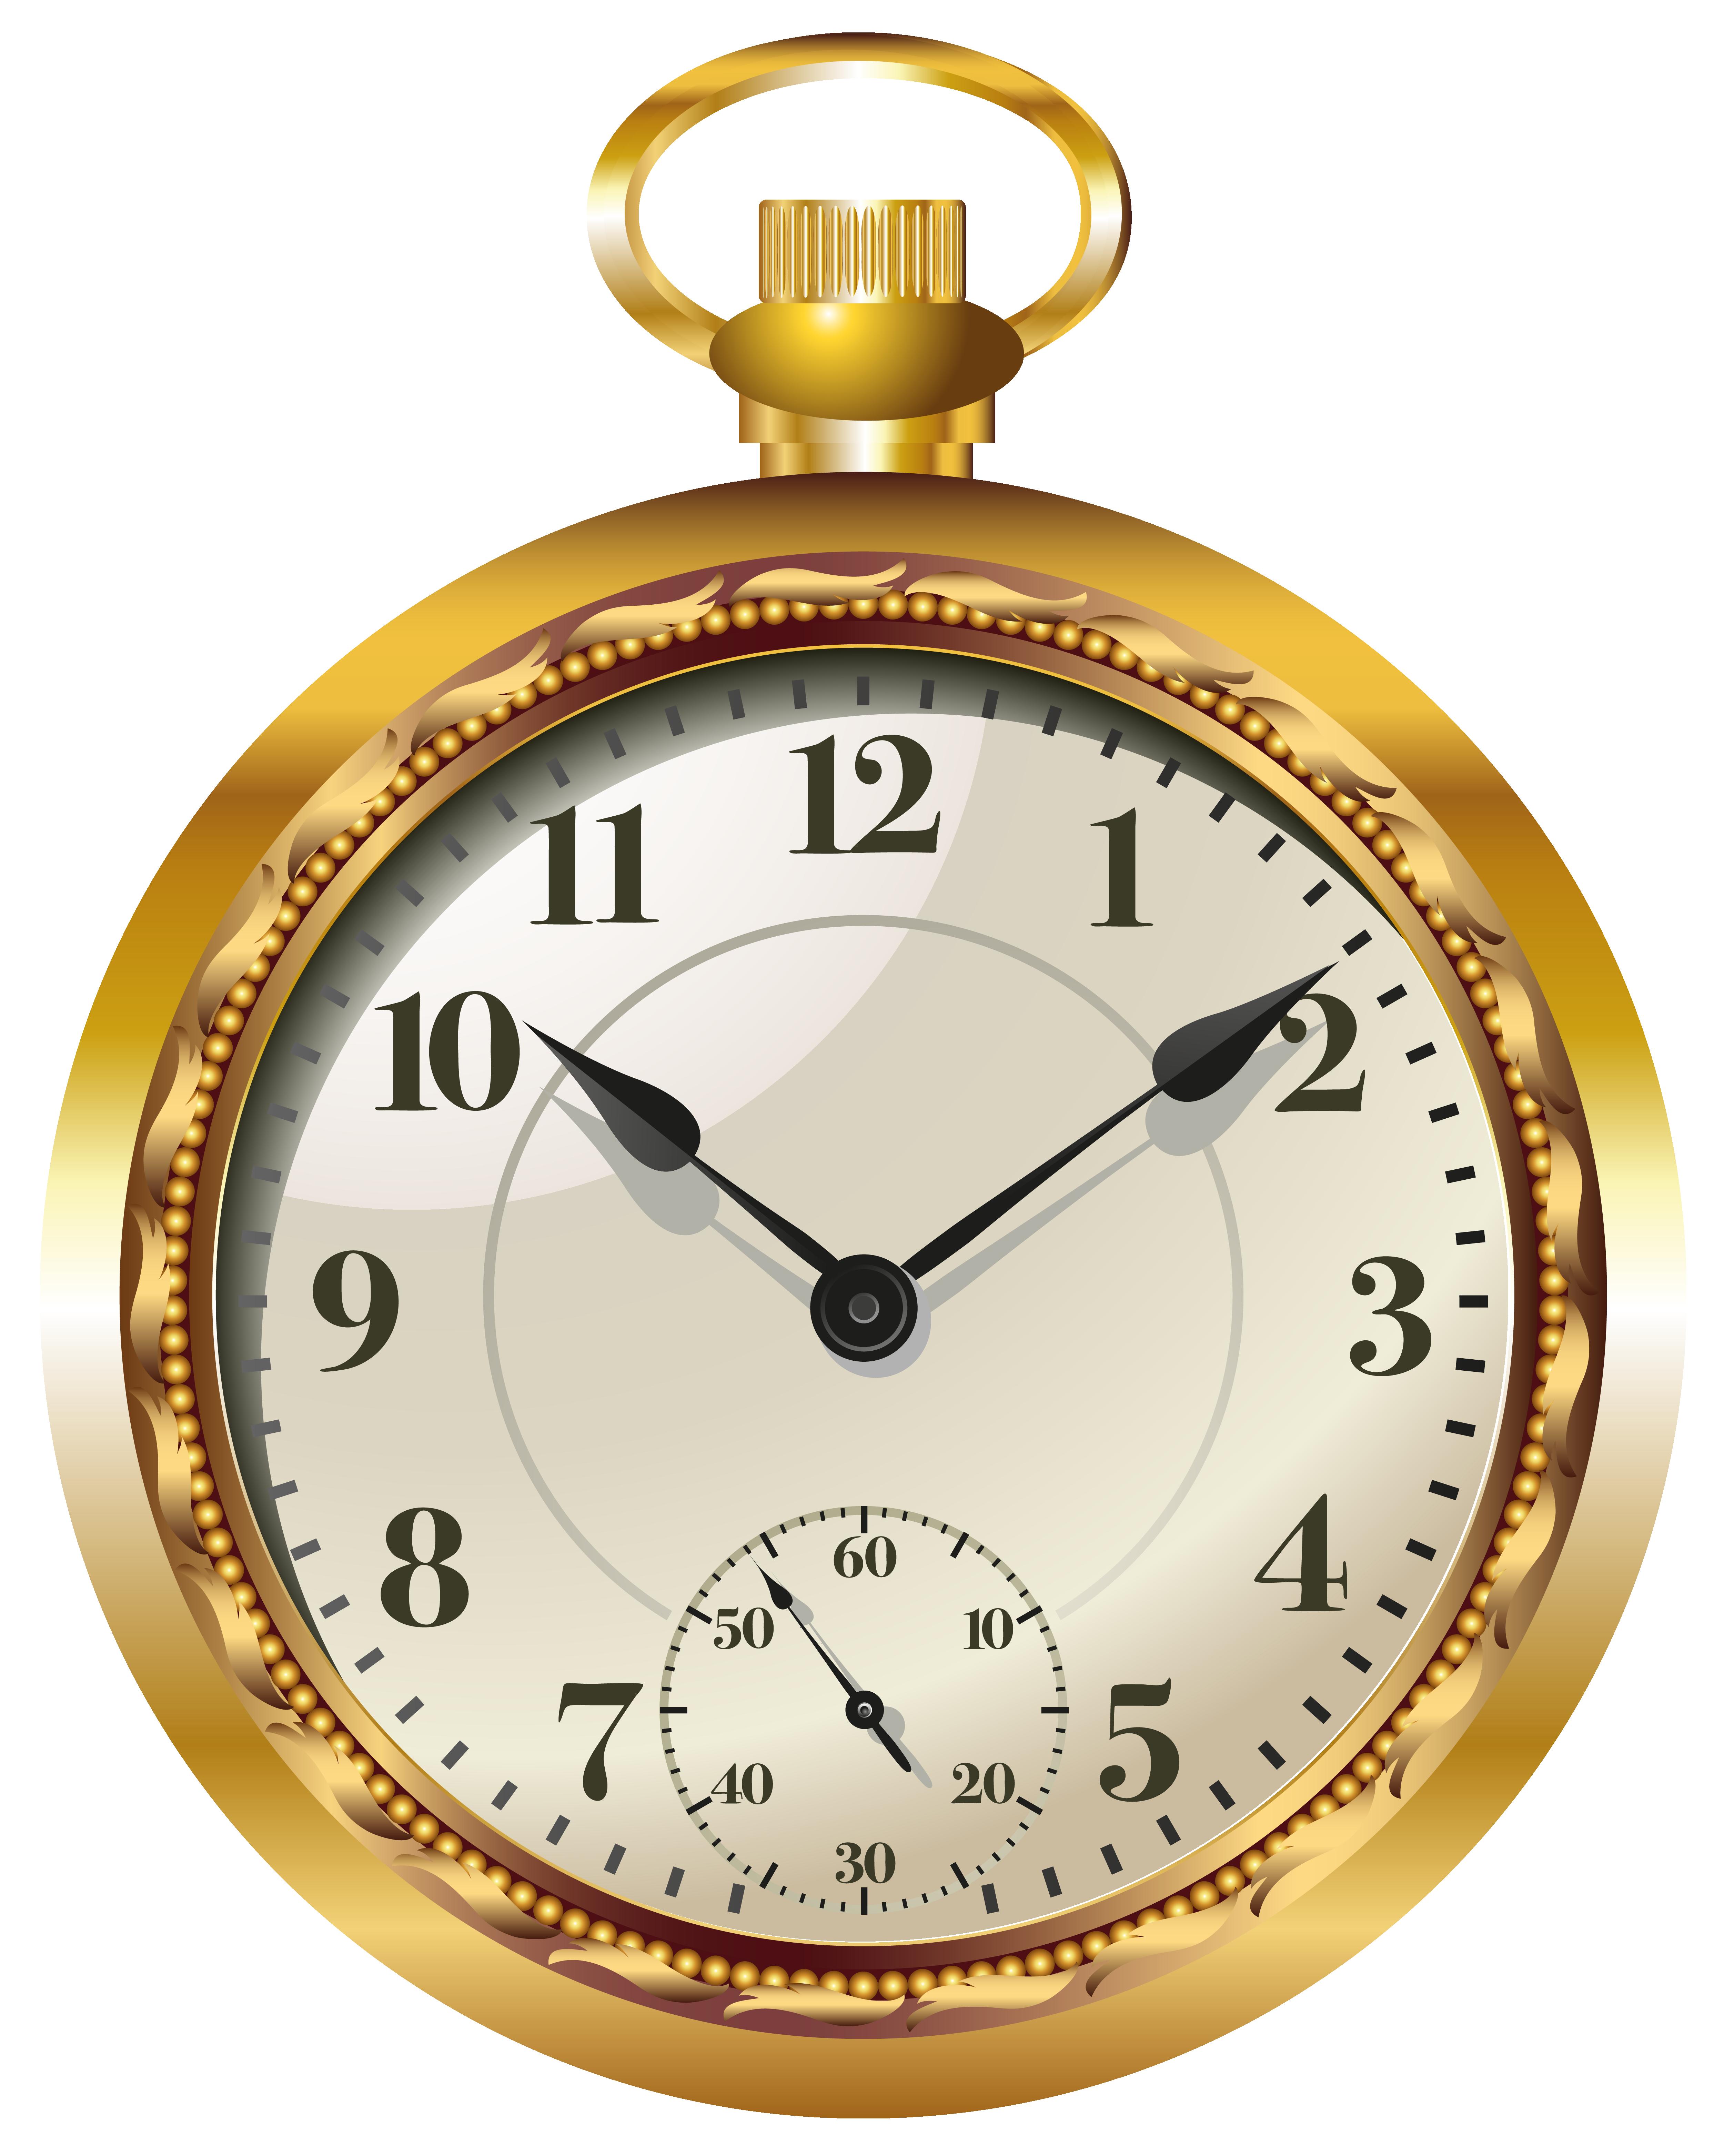 Stopwatch clipart clip art. Pocket watch clock png